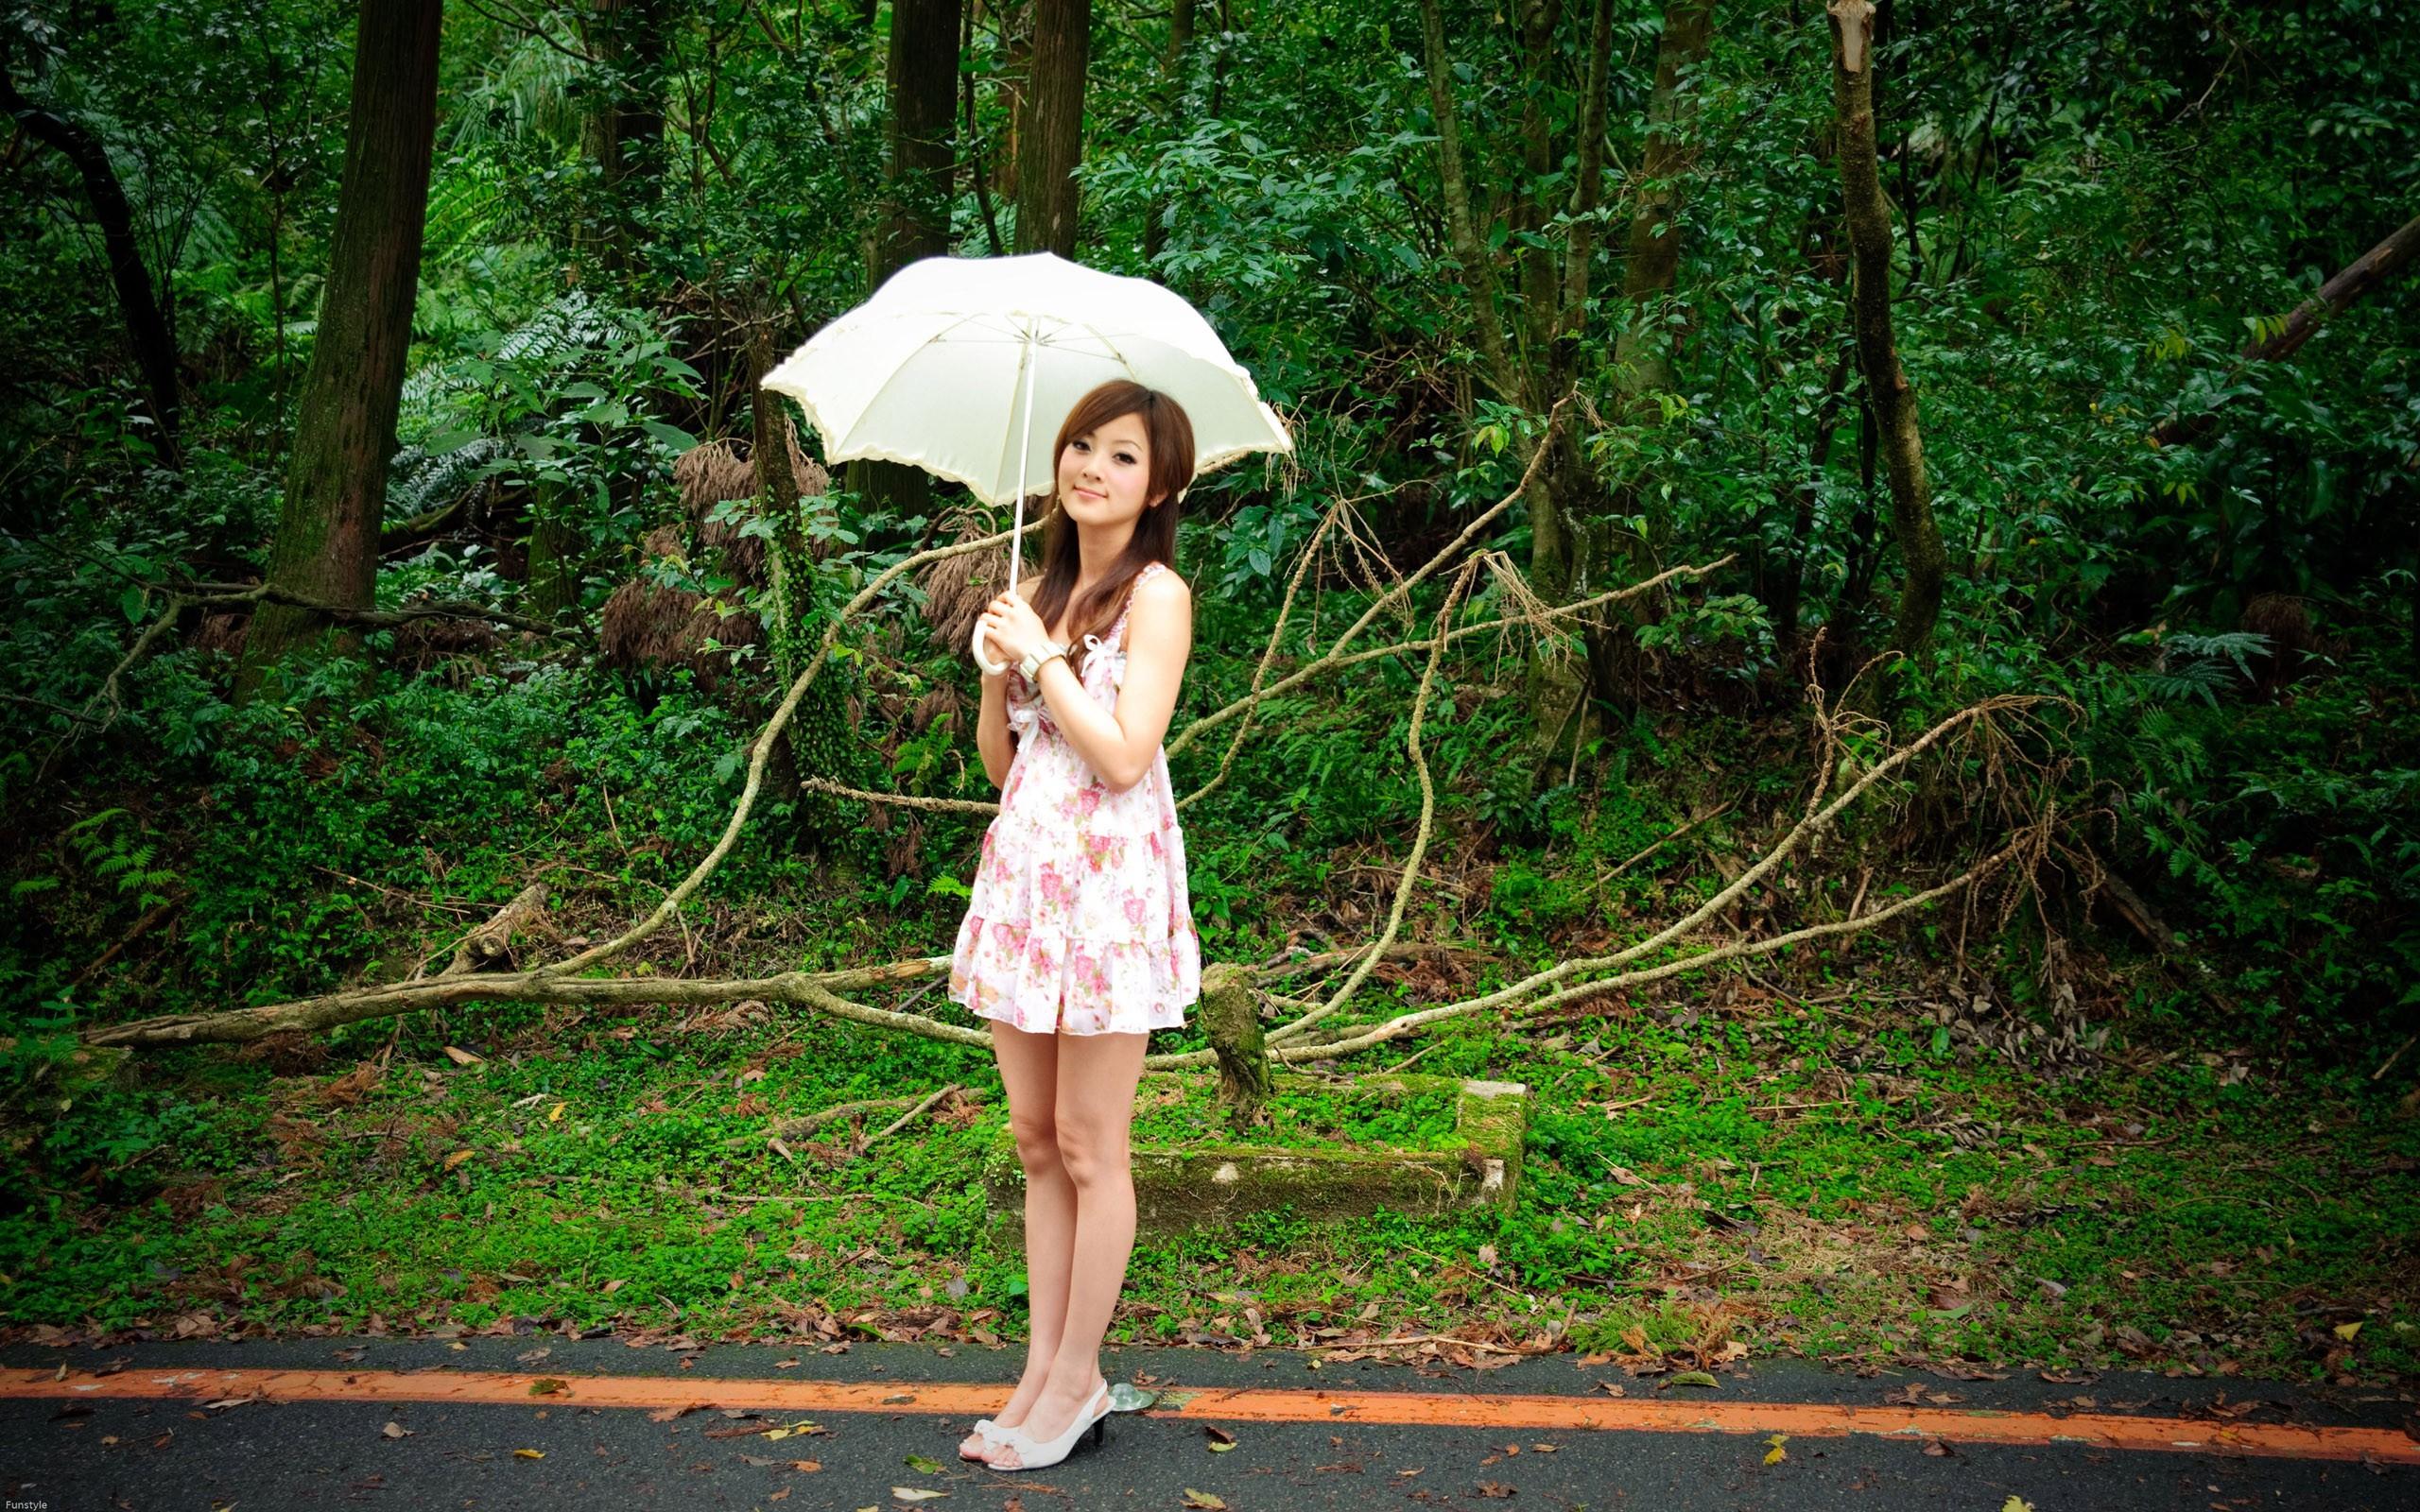 Частное фото девочки из провинции 17 фотография